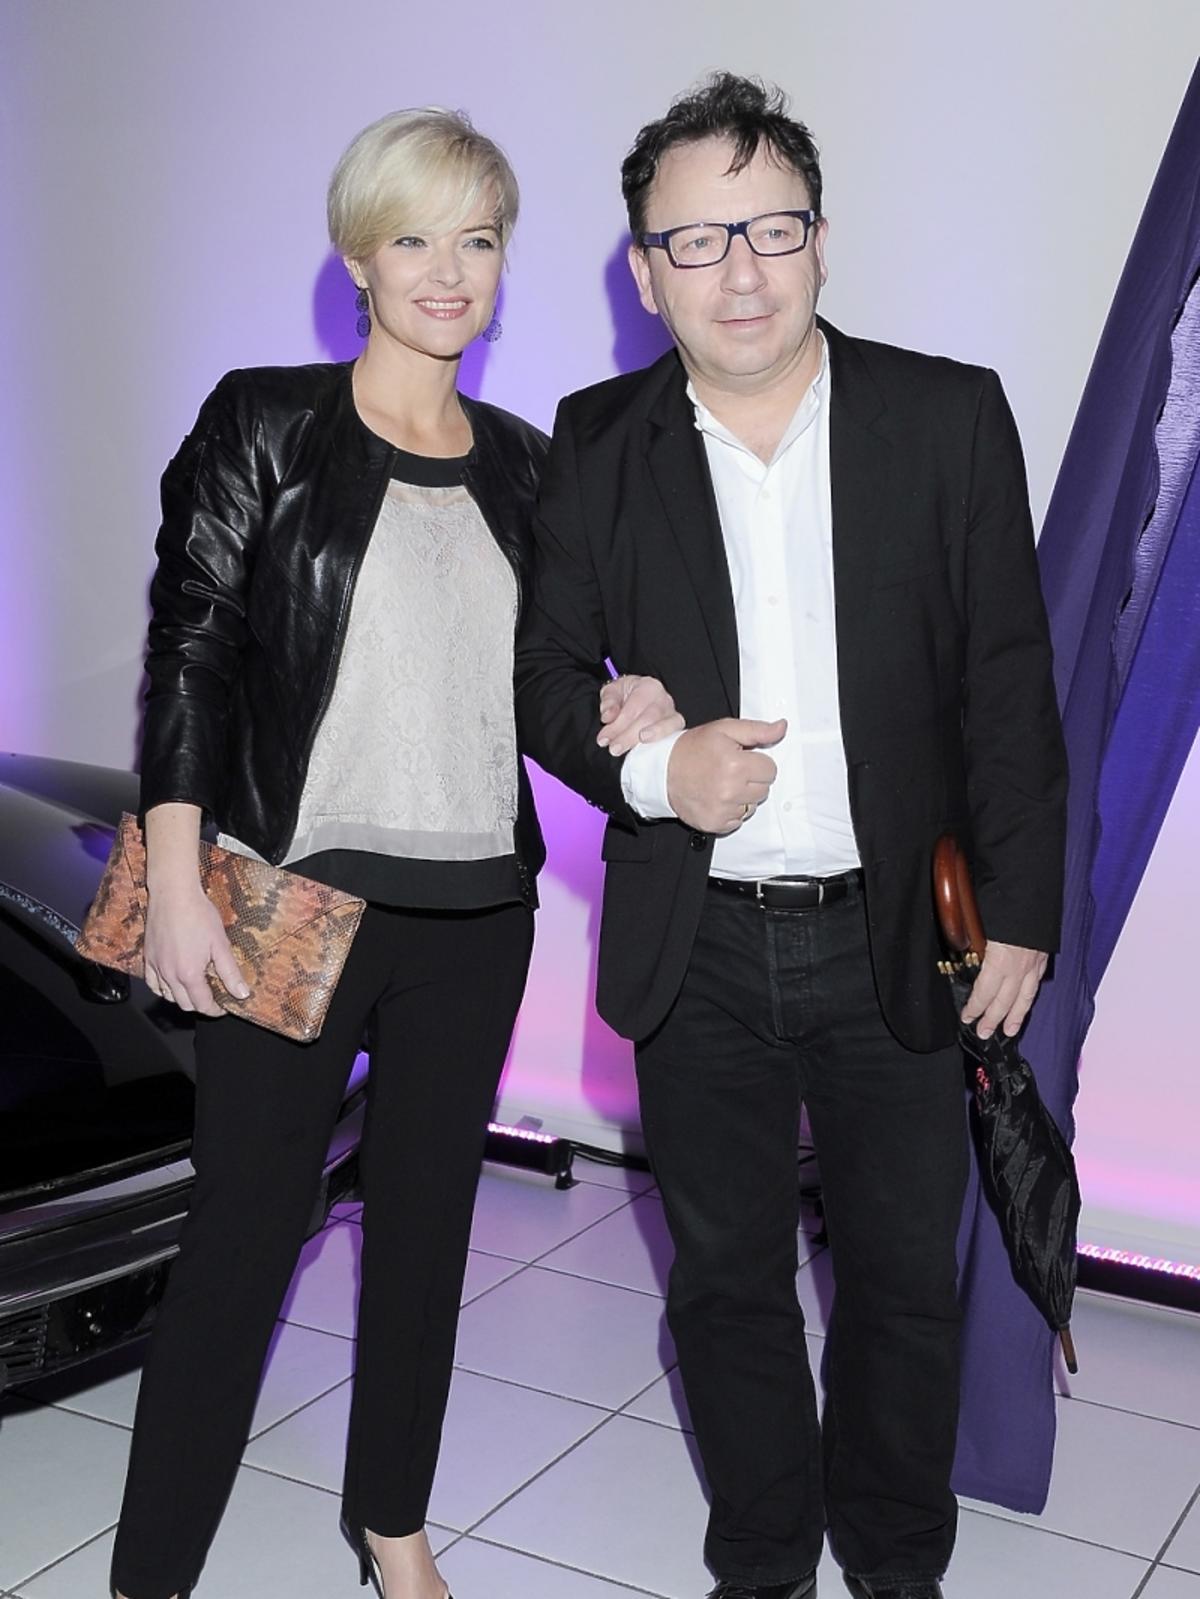 Monika Zamachowska i Zbigniew Zamachowski na prezentacji nowej marki samochodowej